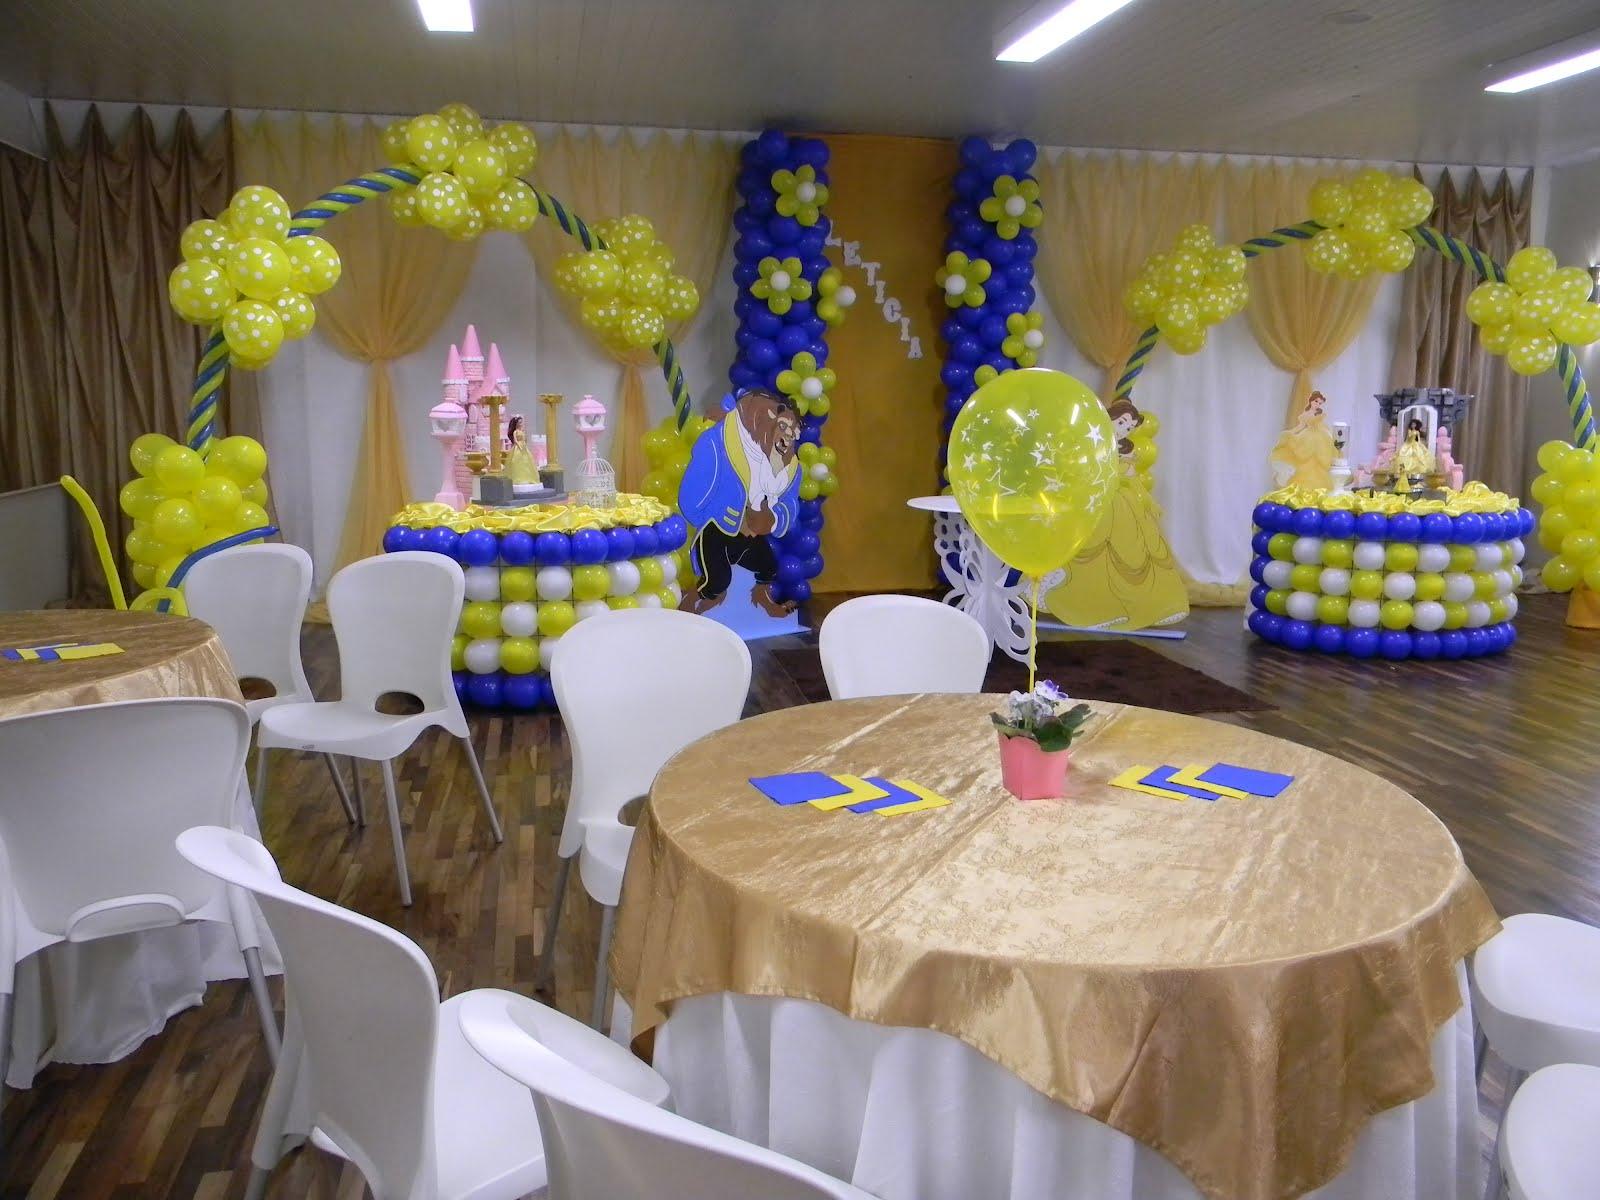 #9E9F2C  Decorações  Festas Infantis: Festa Bela e a Fera  Expuleto Caçador 1600x1200 px Bela Decoração Da Cozinha_403 Imagens